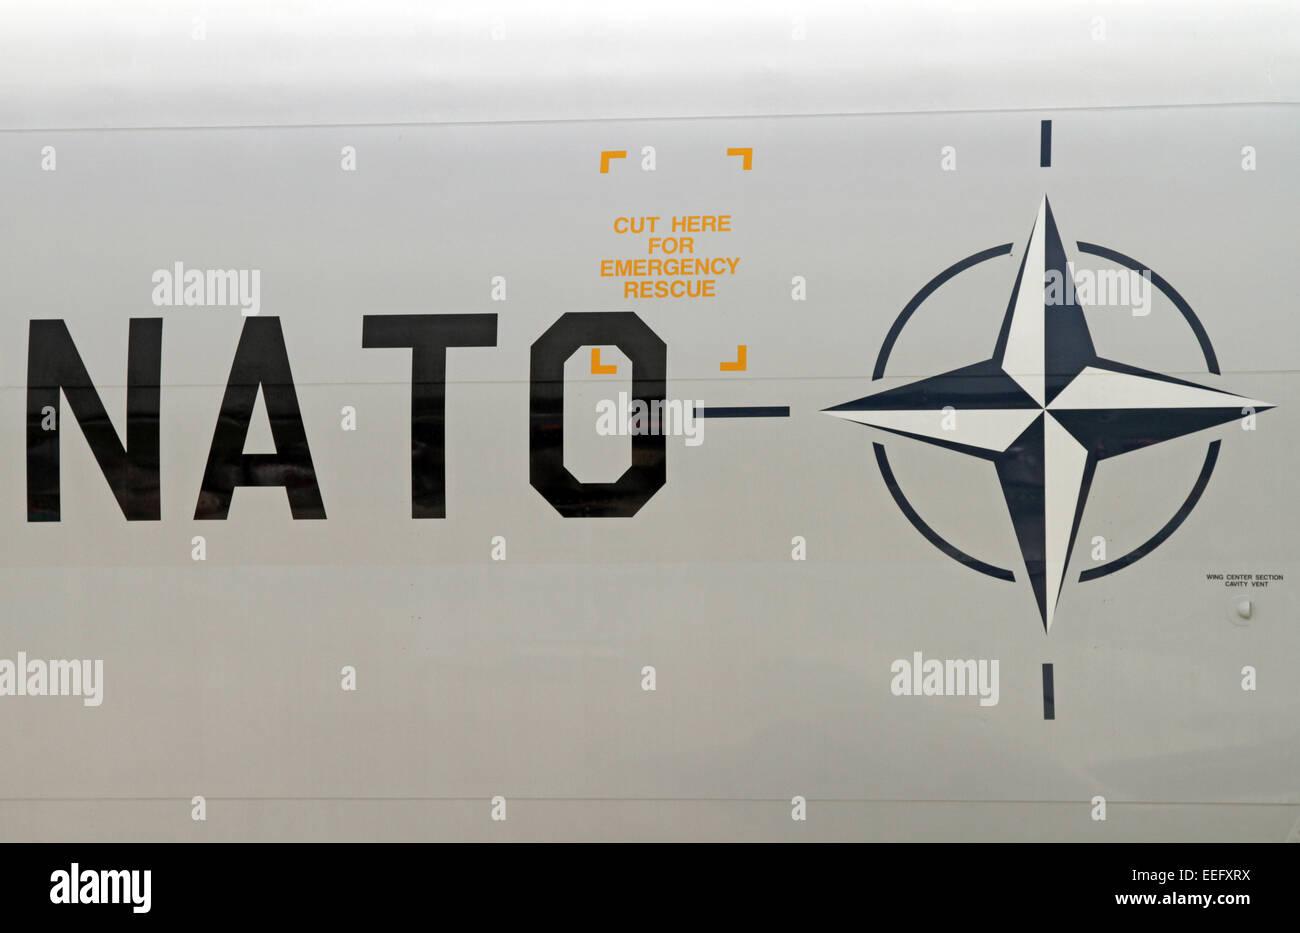 nato logo stock photos amp nato logo stock images alamy